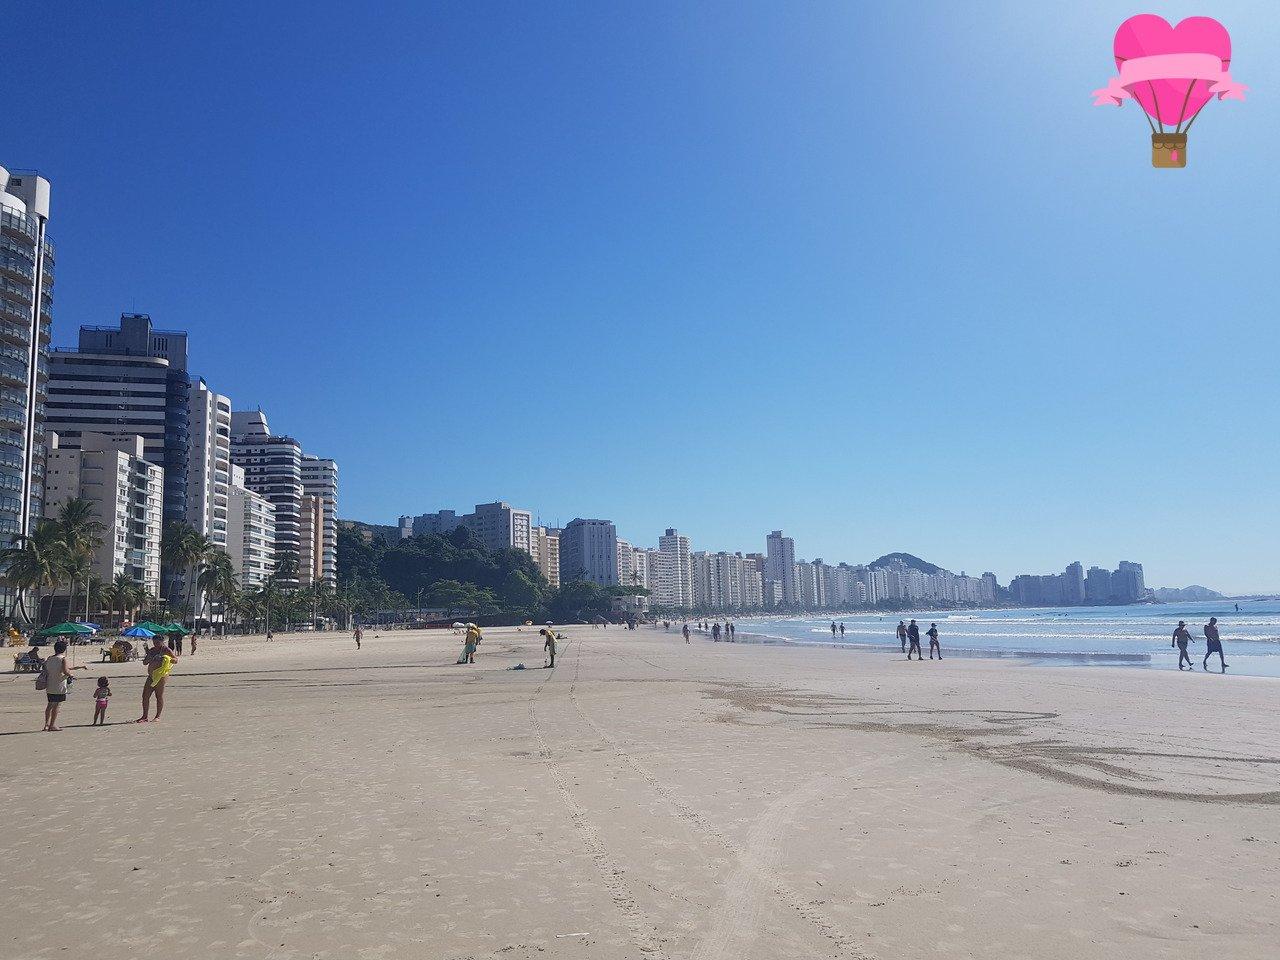 praia-asturias-guaruja-sp